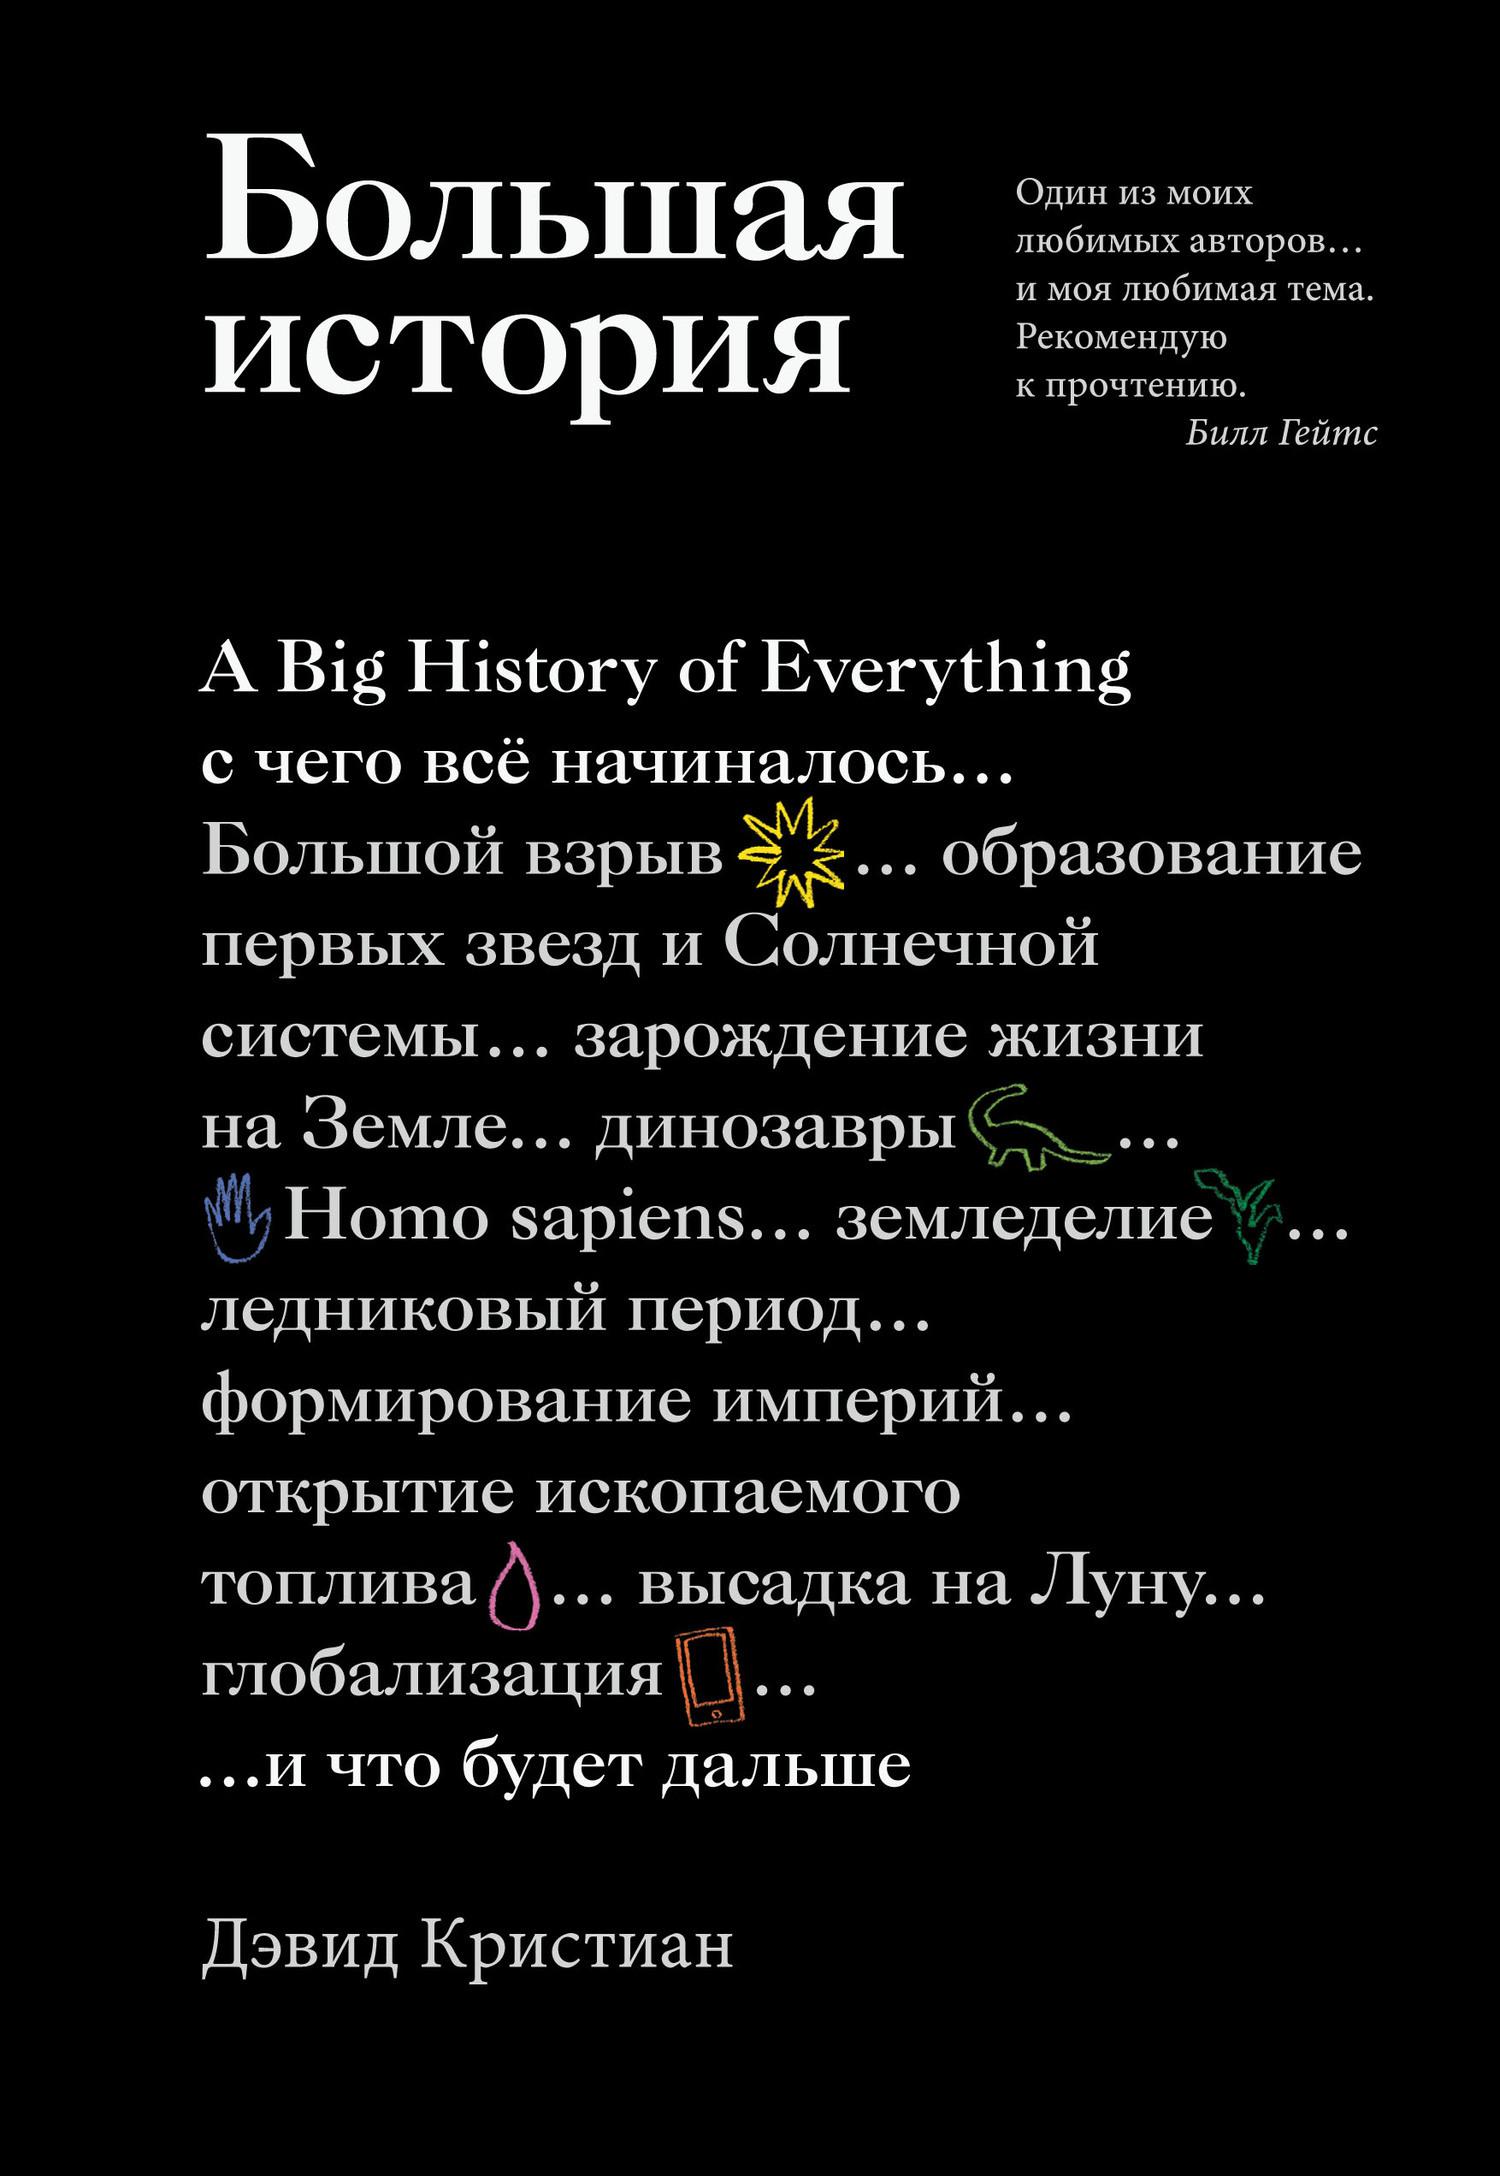 Дэвид Кристиан - Большая история